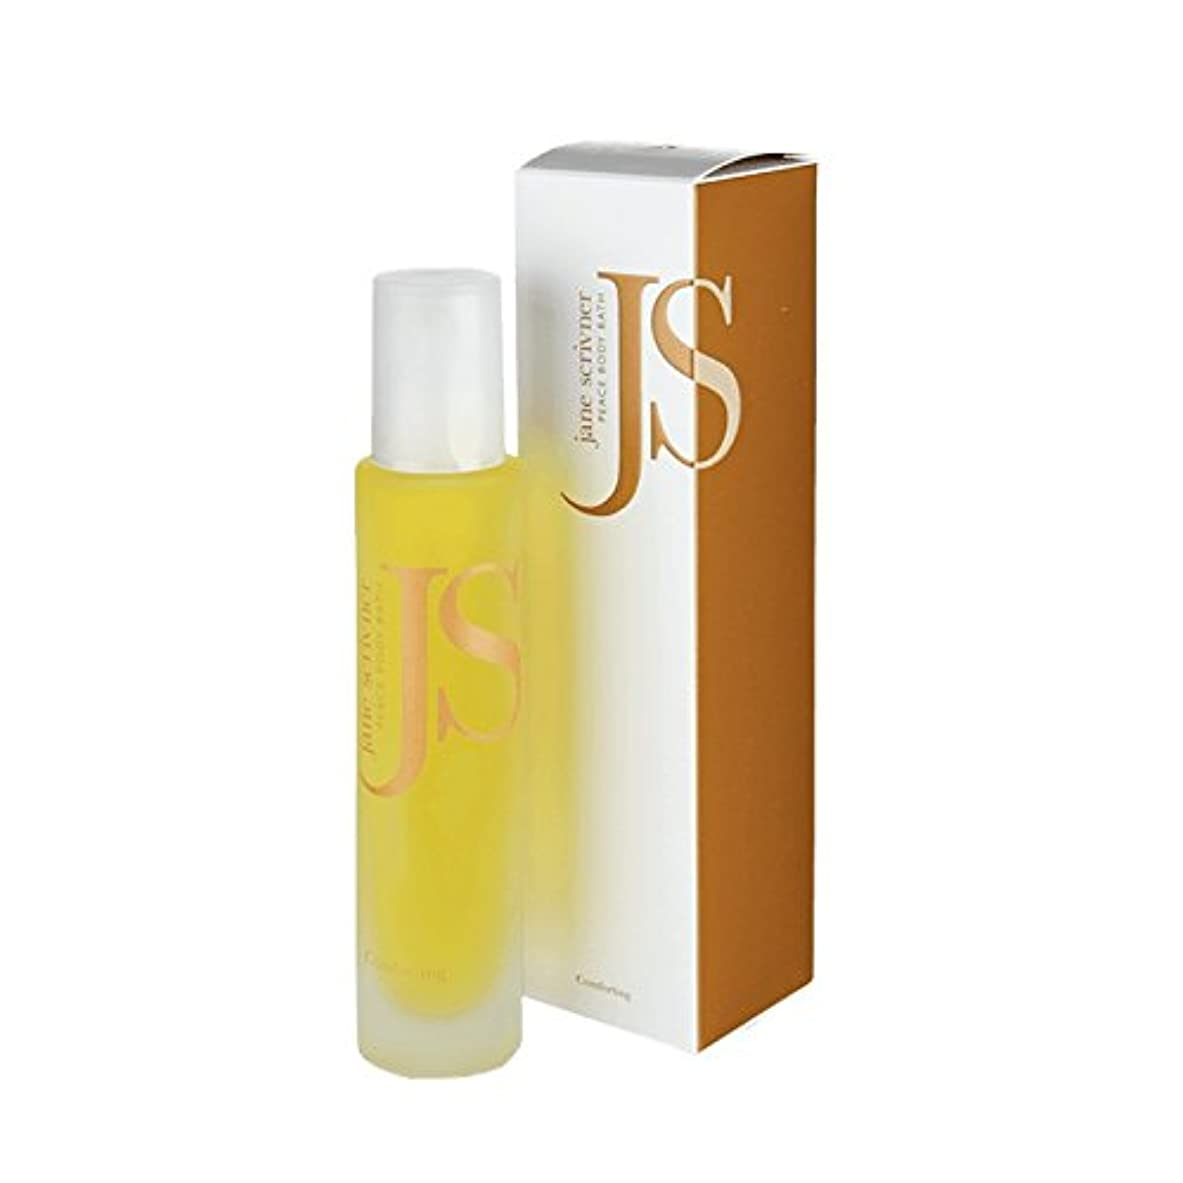 口徹底的に怠感ジェーンScrivnerボディバスオイル平和100ミリリットル - Jane Scrivner Body Bath Oil Peace 100ml (Jane Scrivner) [並行輸入品]